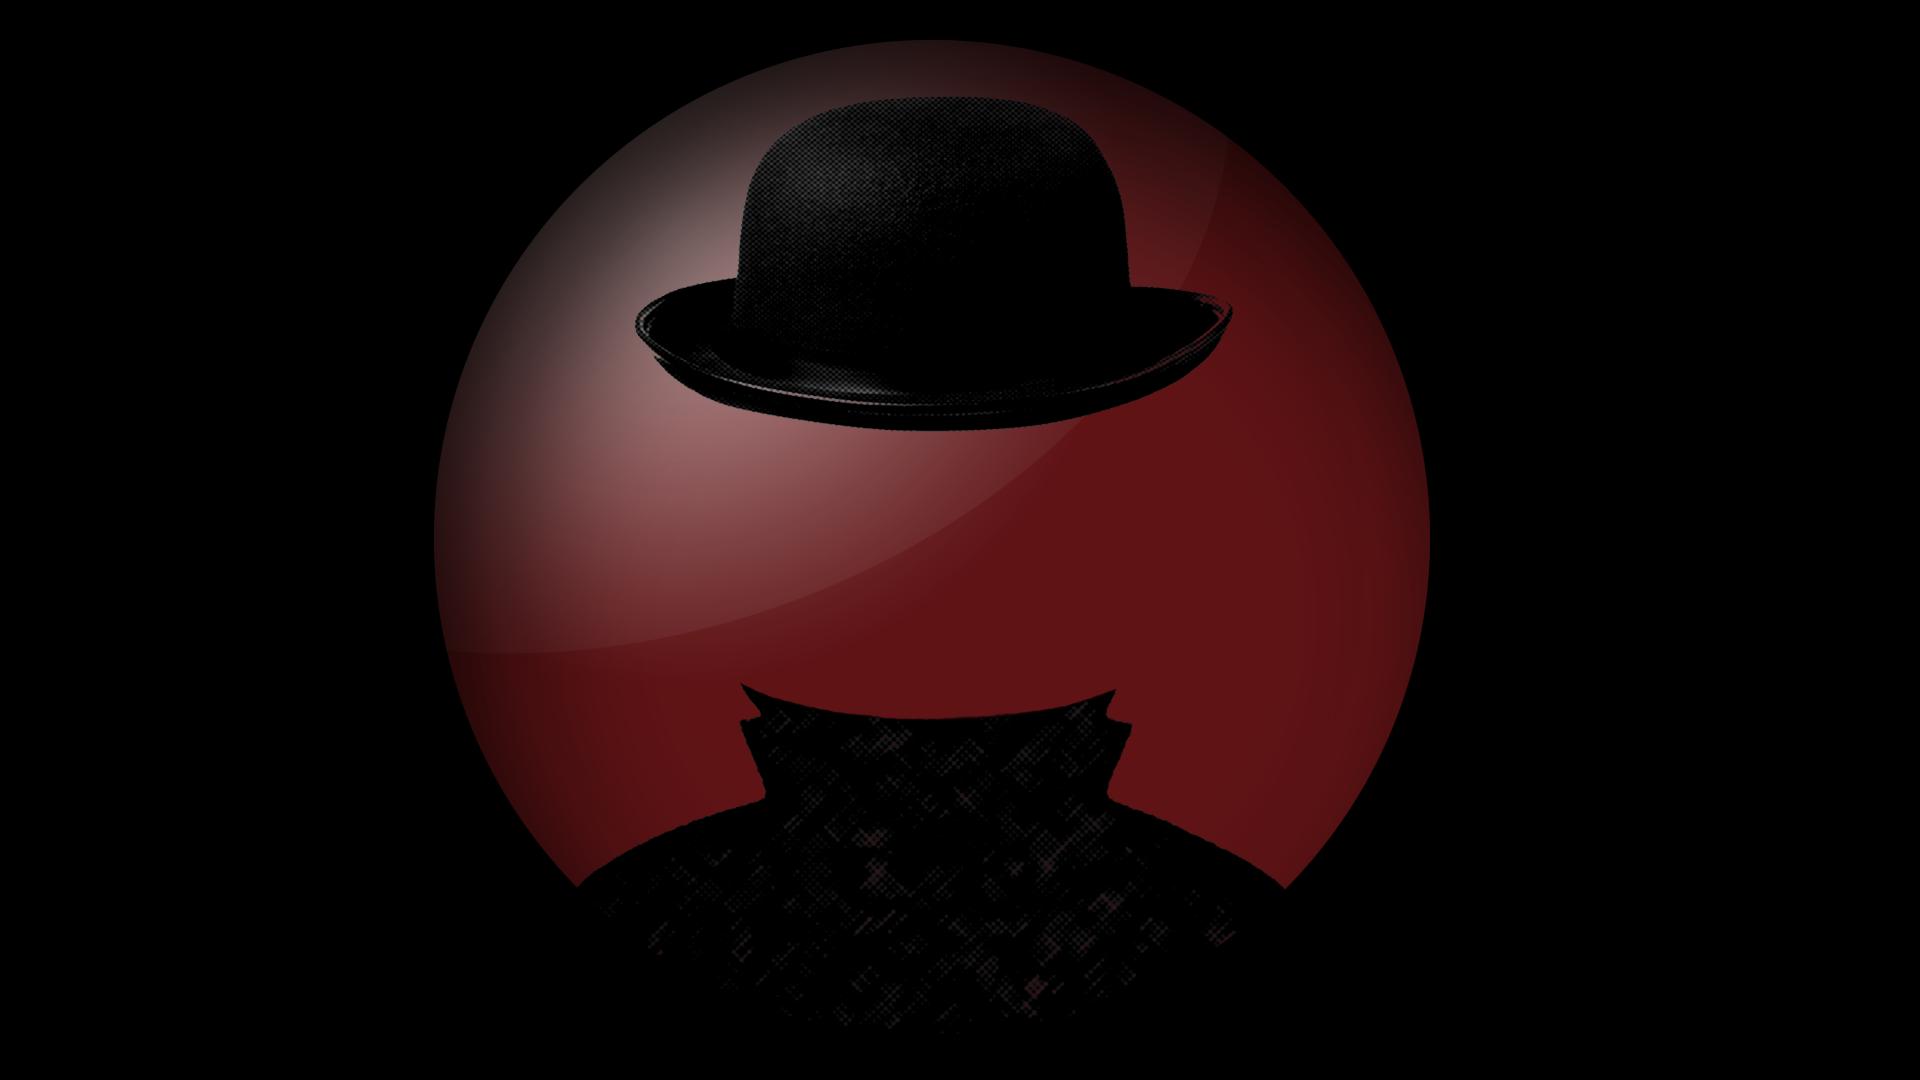 Anonymous BlackHat Wallpaper 1920x1080 Anonymous BlackHat 1920x1080